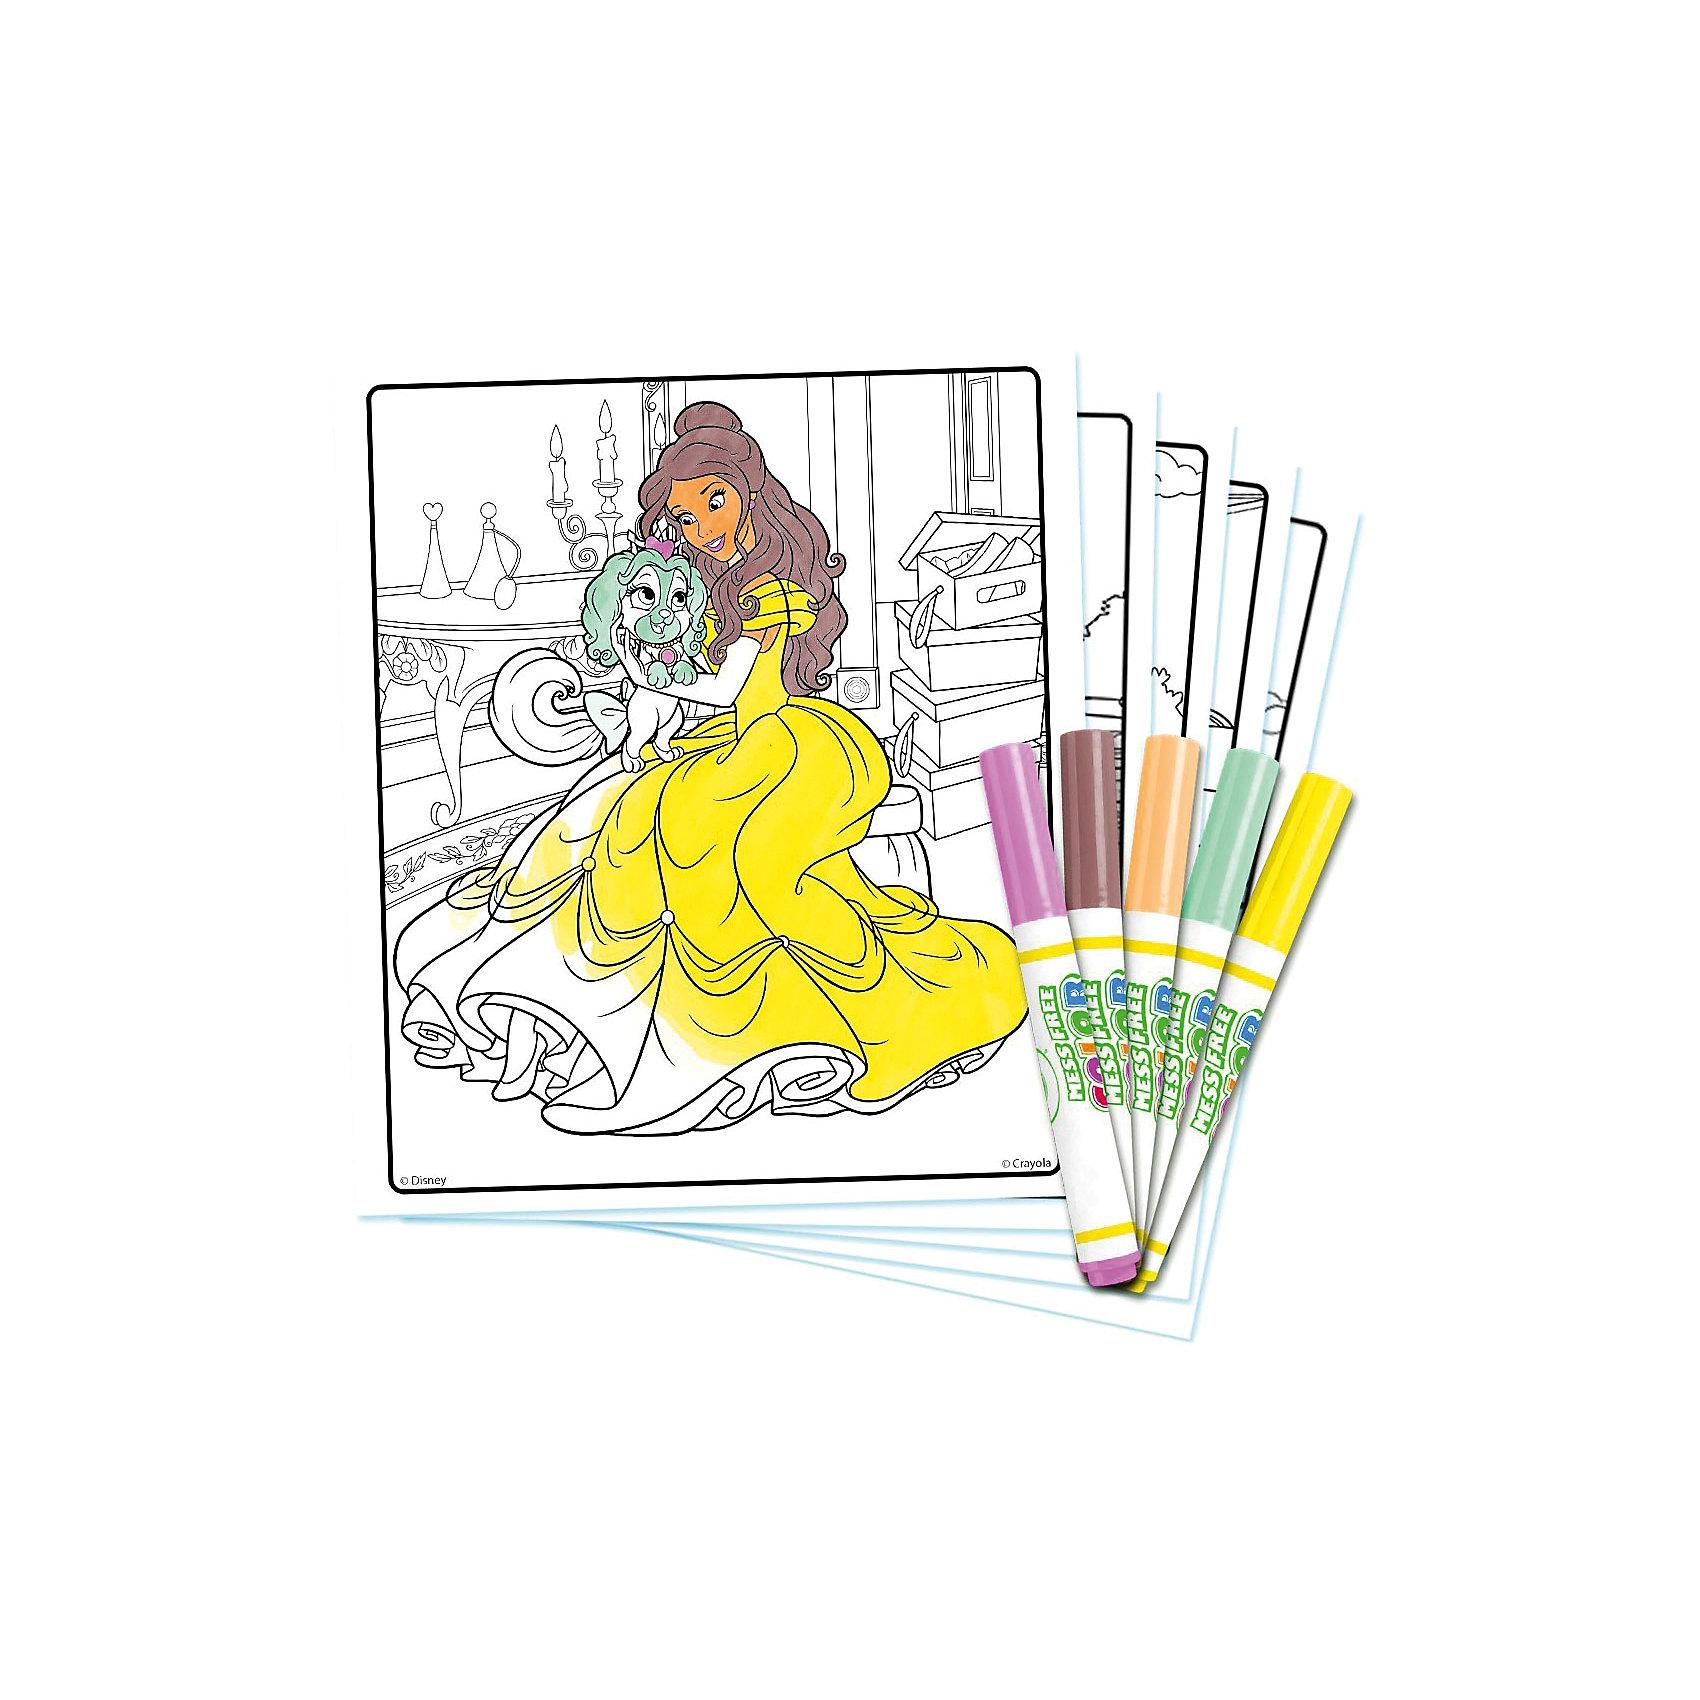 ��������� � ������������ Color Wonder, ��������� ������, � ������������ (Crayola)